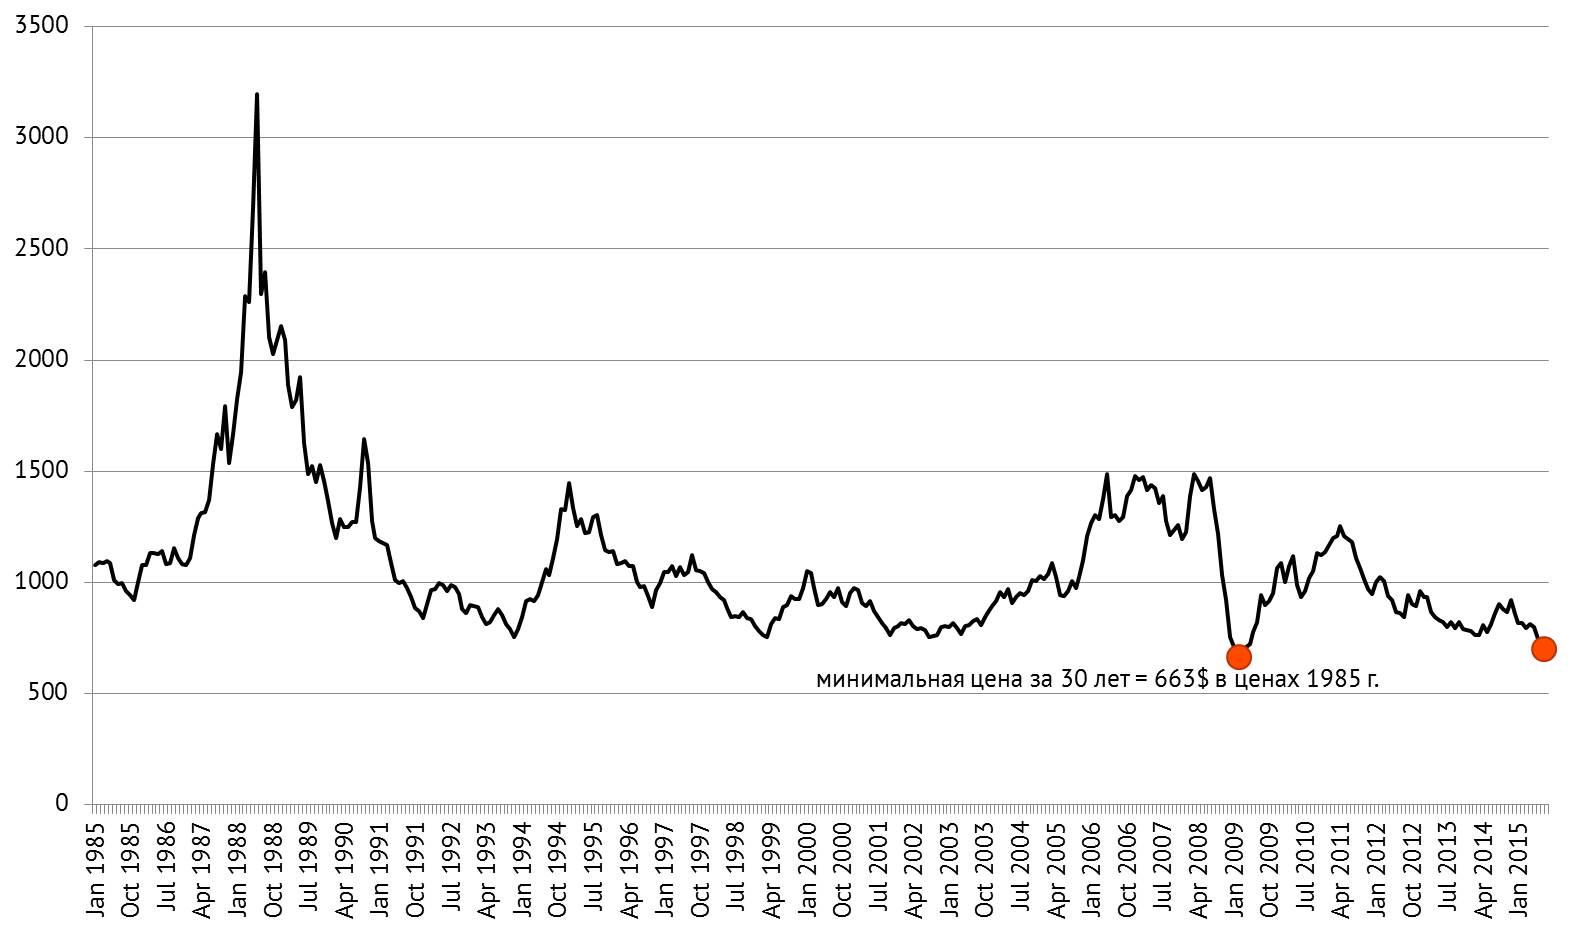 Aluminuim 1985 prices